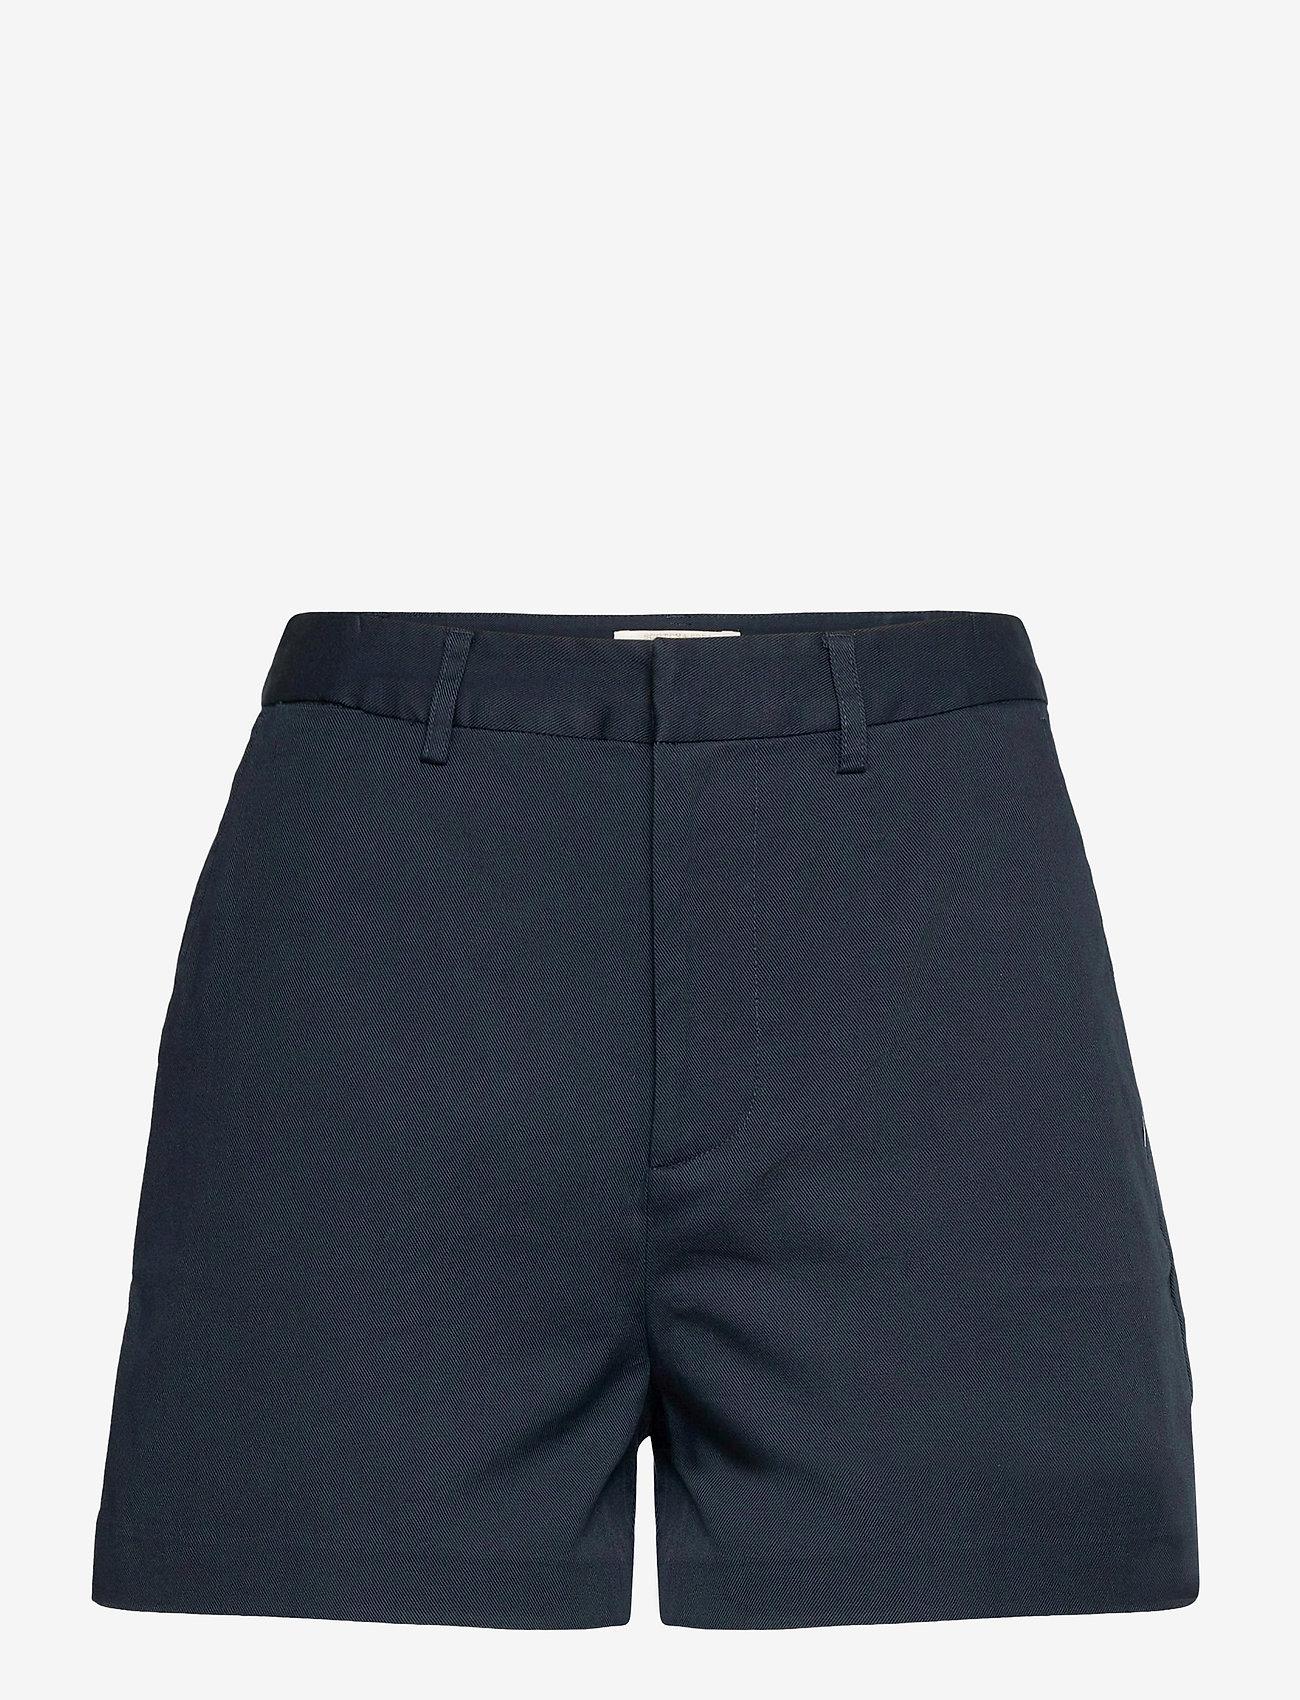 Scotch & Soda - 'Abott' organic cotton chino shorts - chino shorts - night - 0